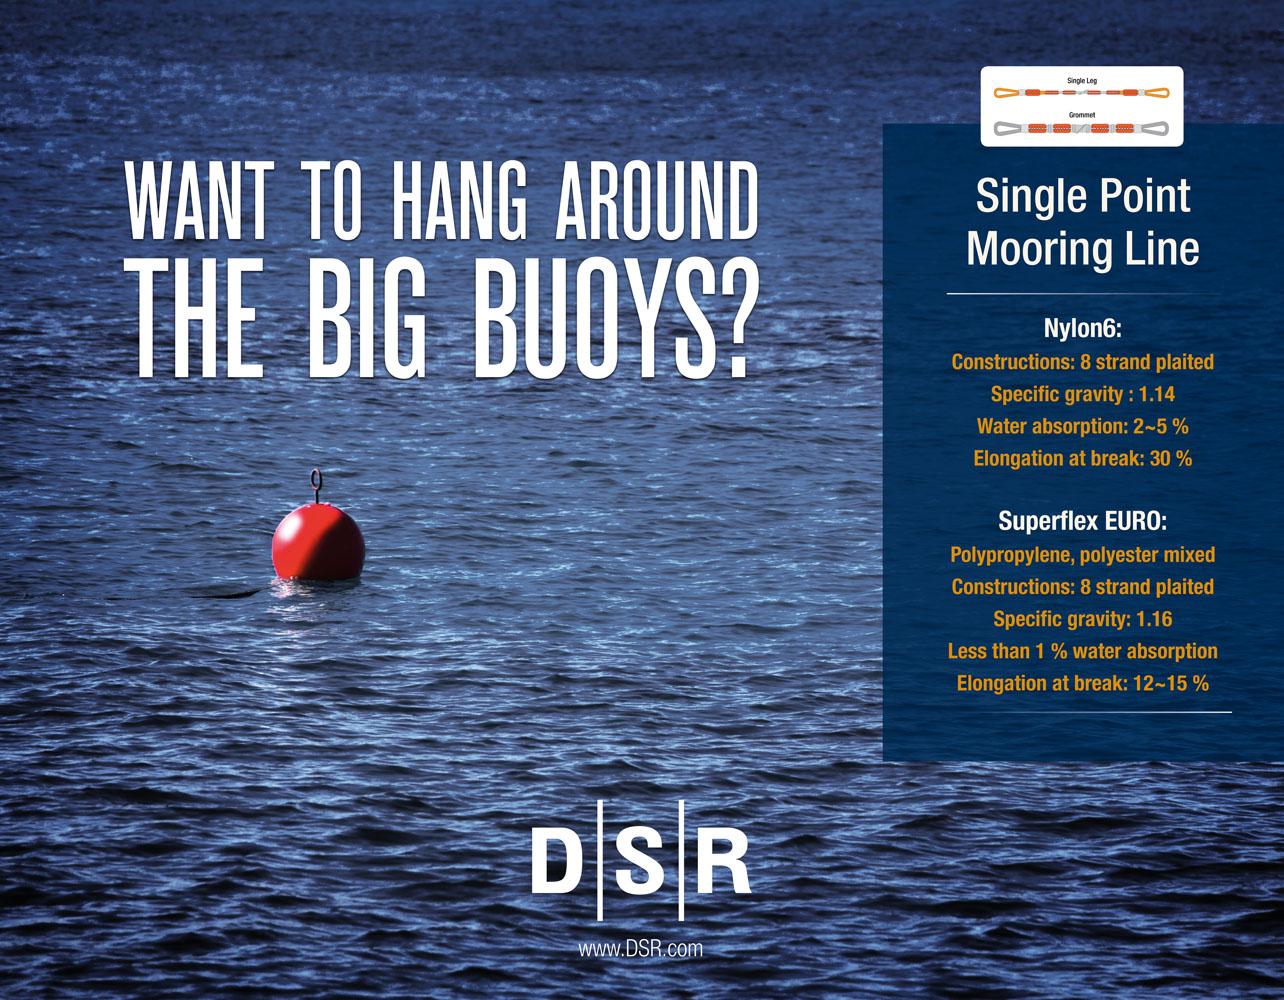 Mässmonterdesign för DSR av Bullit reklambyrå